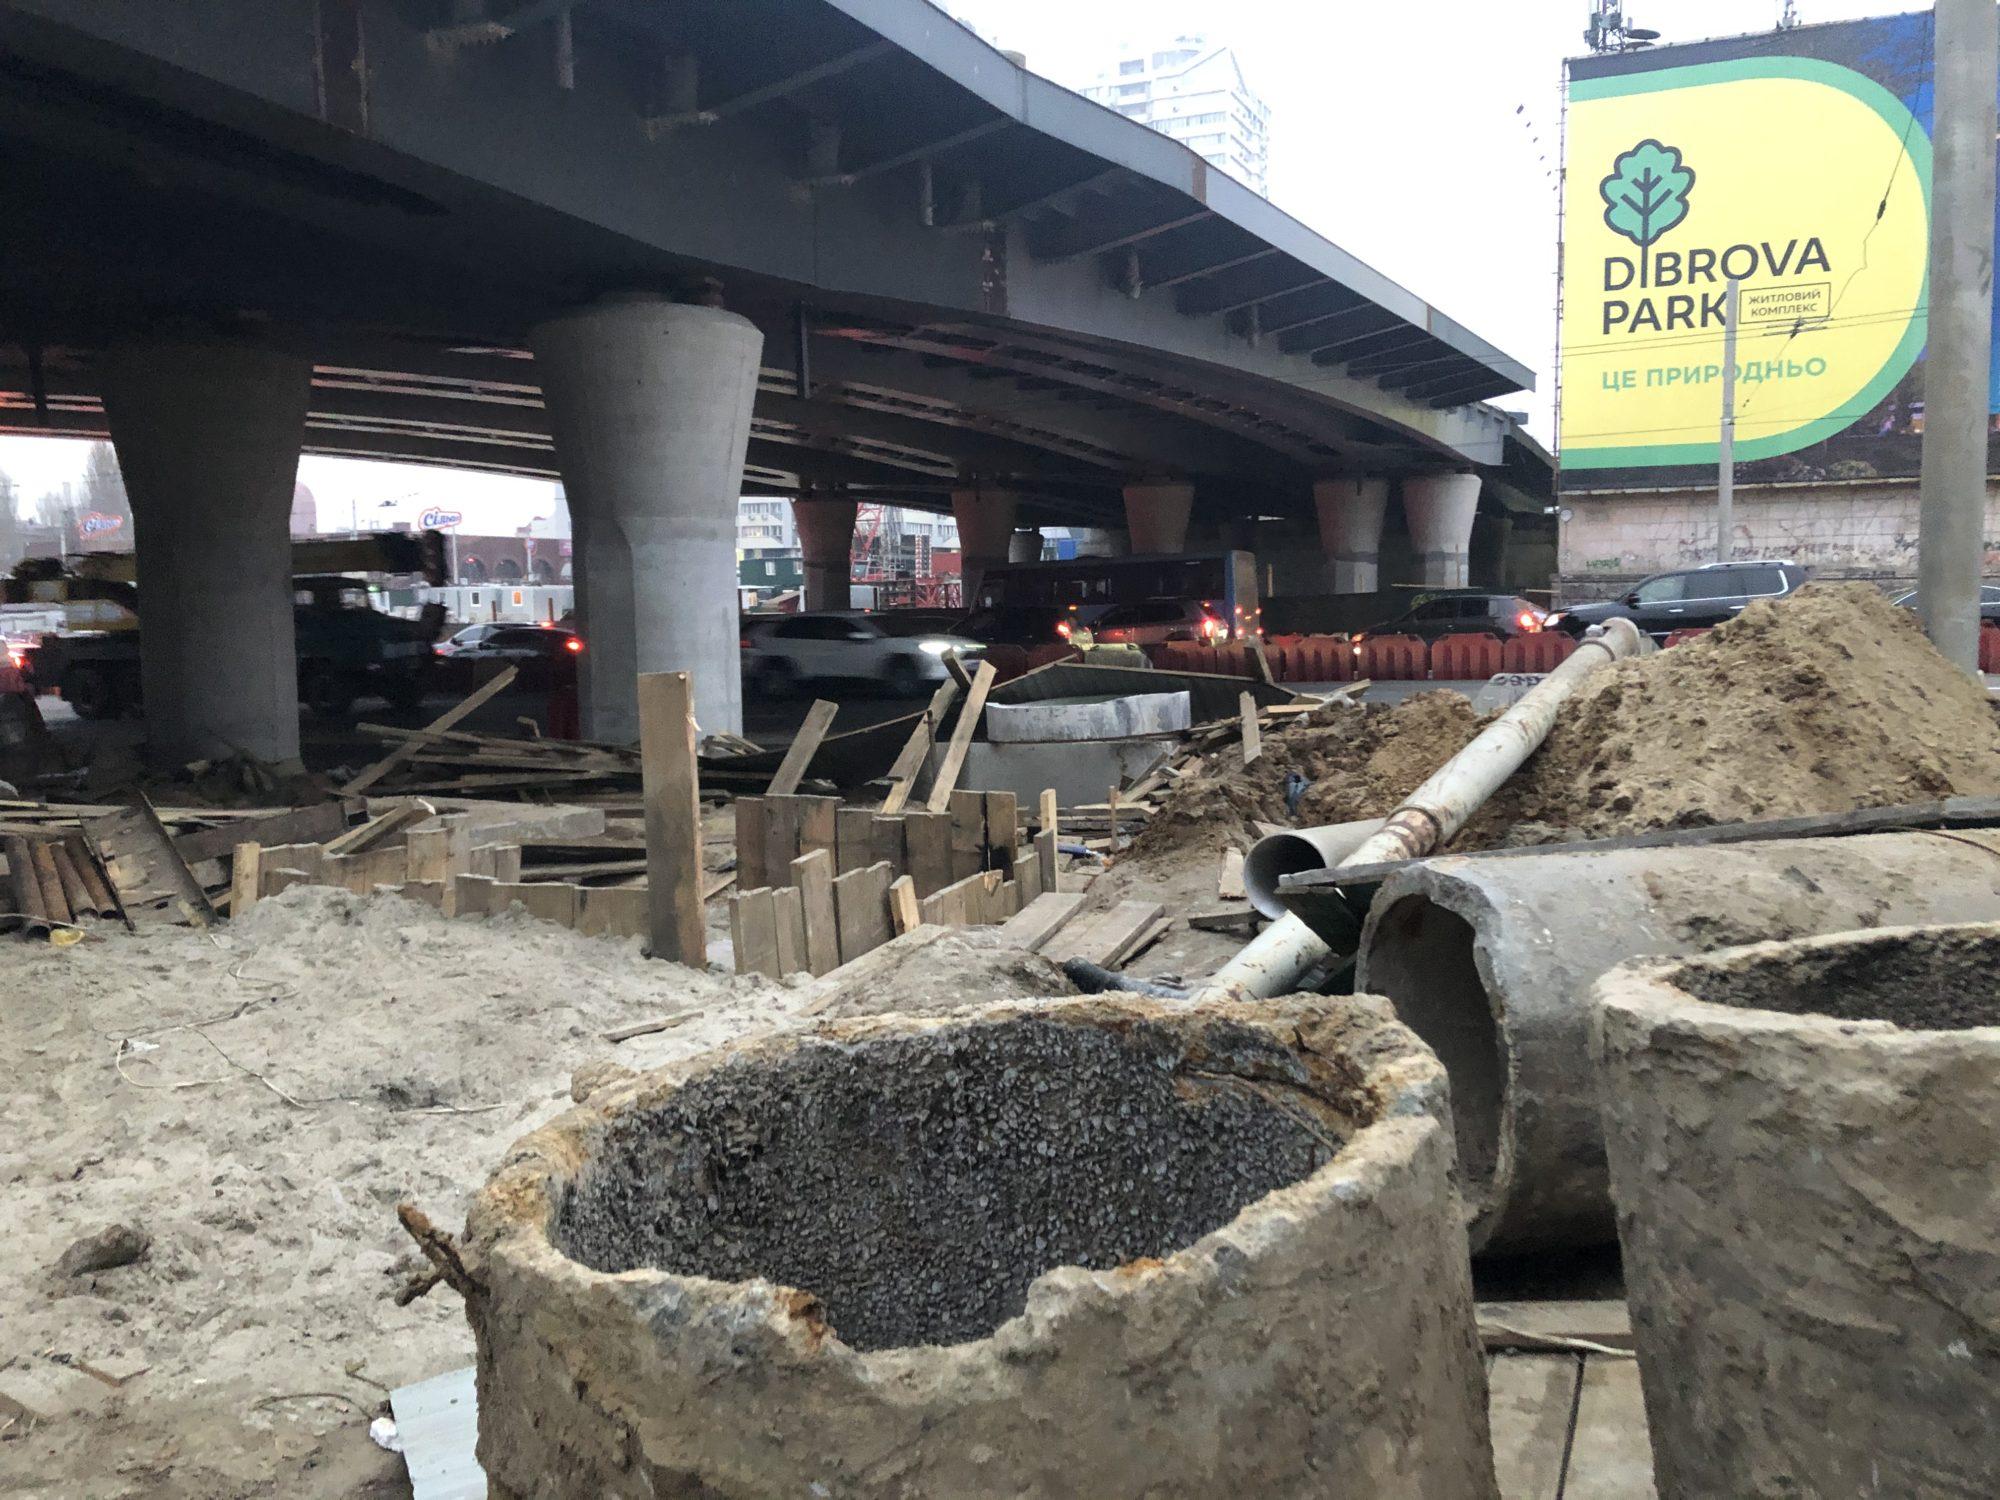 Майже готовий? Що нового на Шулявському мосту (фоторепортаж) - Шулявка, міст, Кличко - C32477E4 4C19 4EAC A531 F577F0A88C61 2000x1500